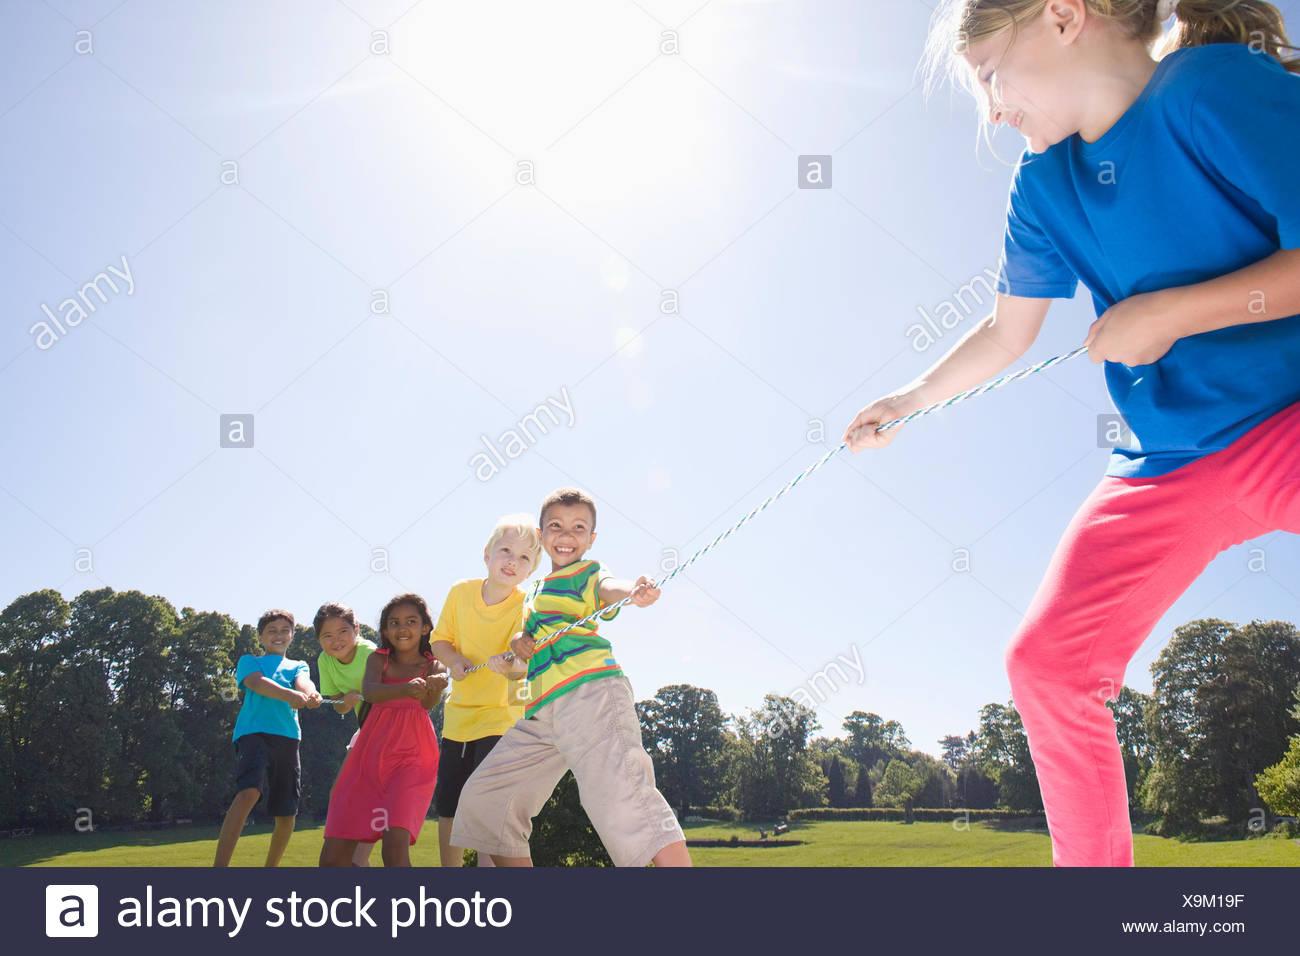 Un grupo de niños jugando Tug of War en estacionamiento Imagen De Stock